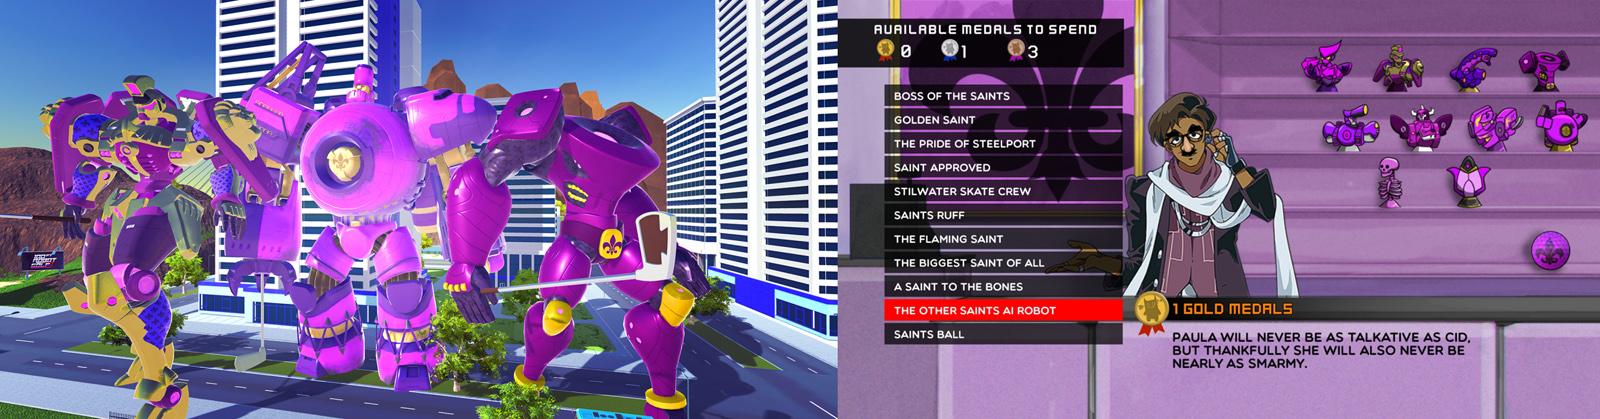 ロボットのカスタマイズには『Saints Row』とのコラボレーションも